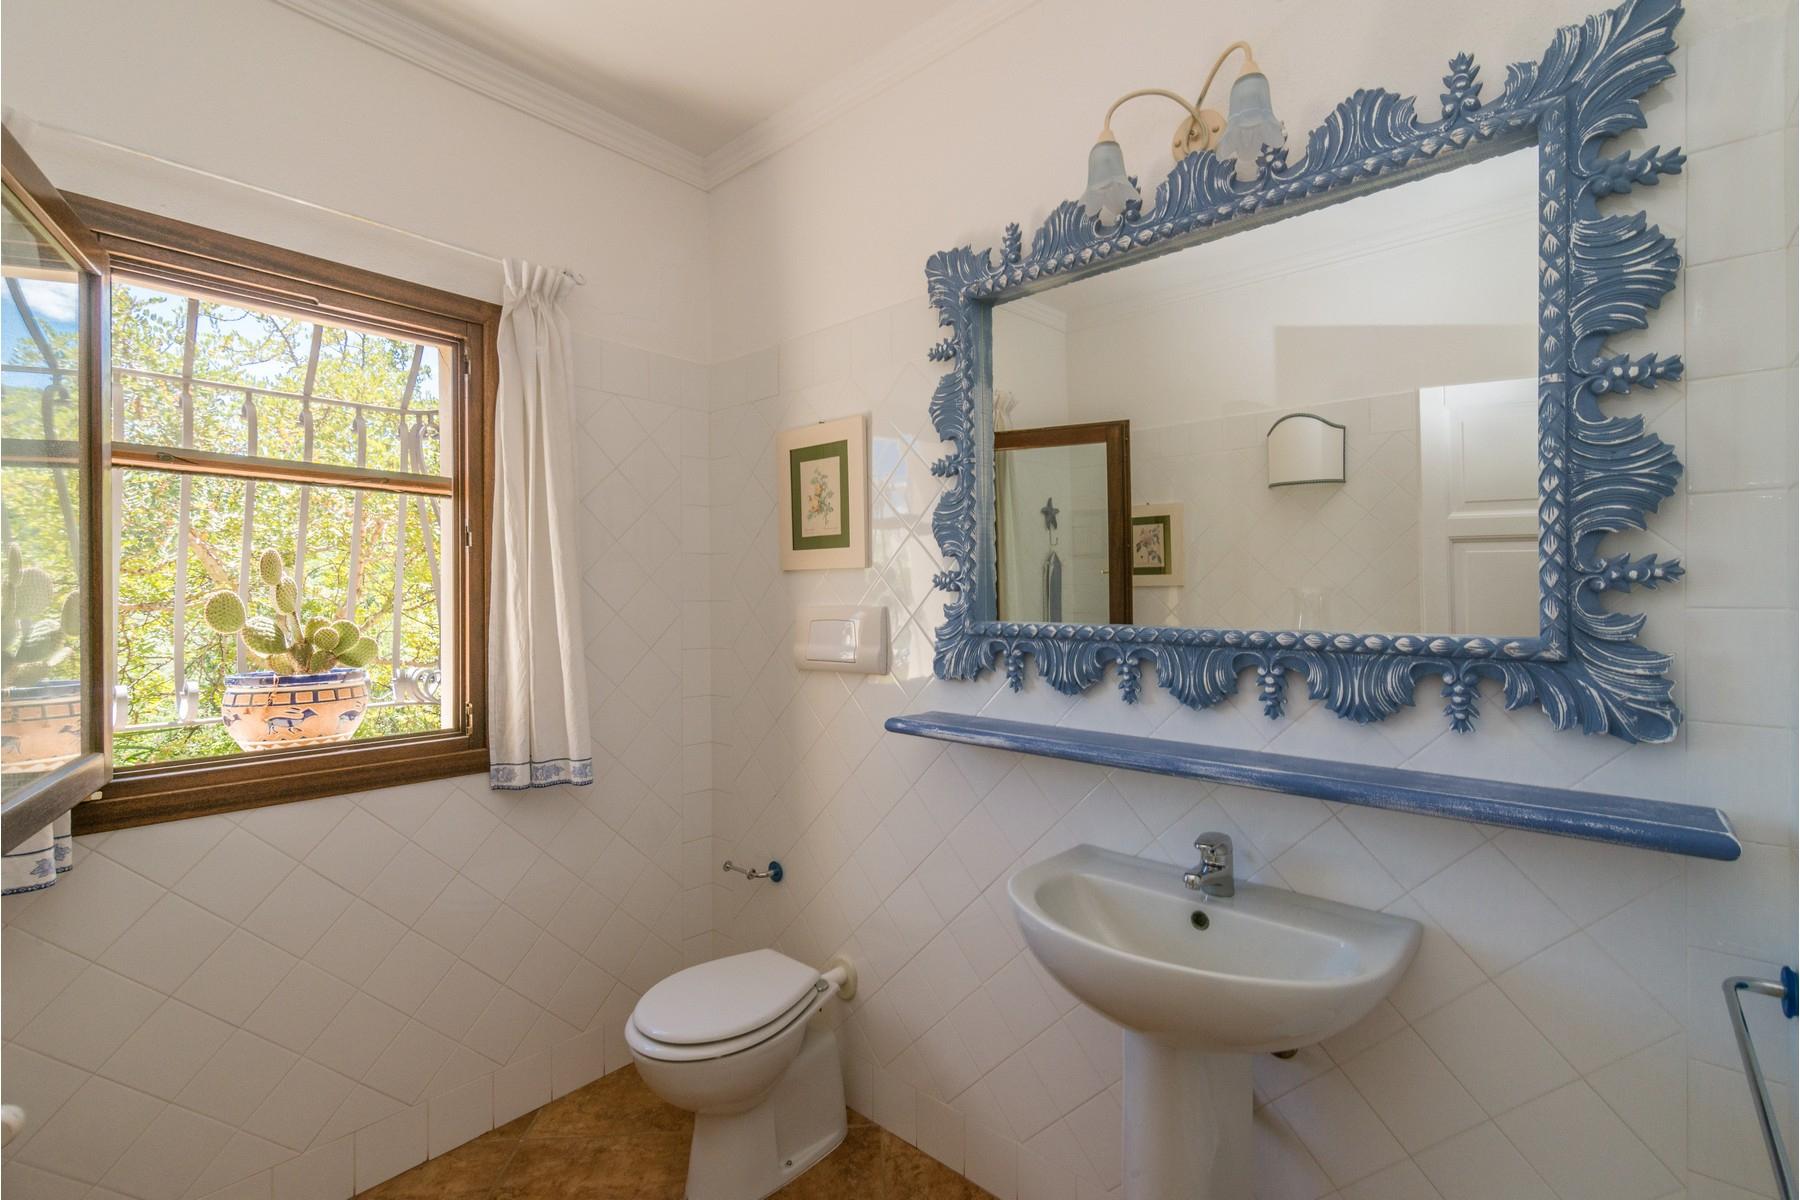 Villa in Vendita a Olbia: 5 locali, 483 mq - Foto 18